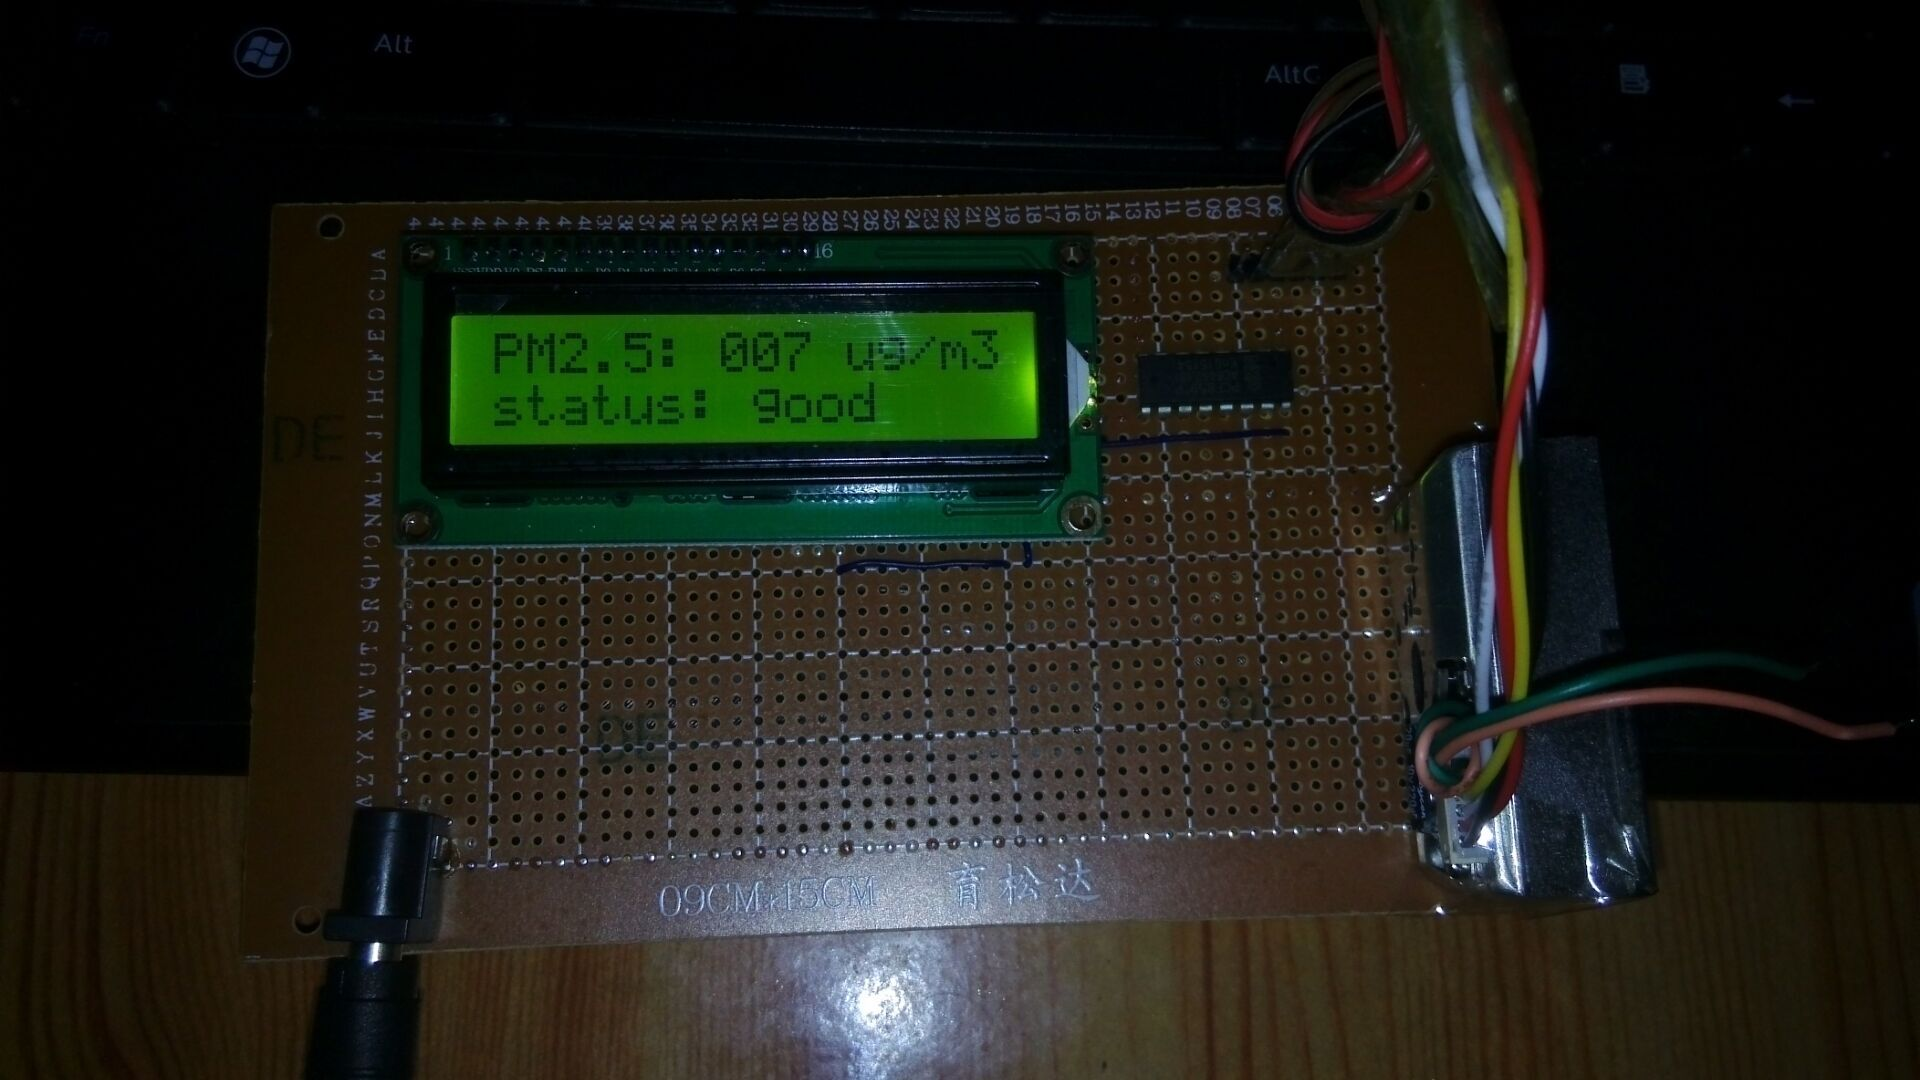 Один Обнаружение планшета PM2.5 система пустой прогрессивный Загрязнение обнаружения дышащих частиц электронным дизайном